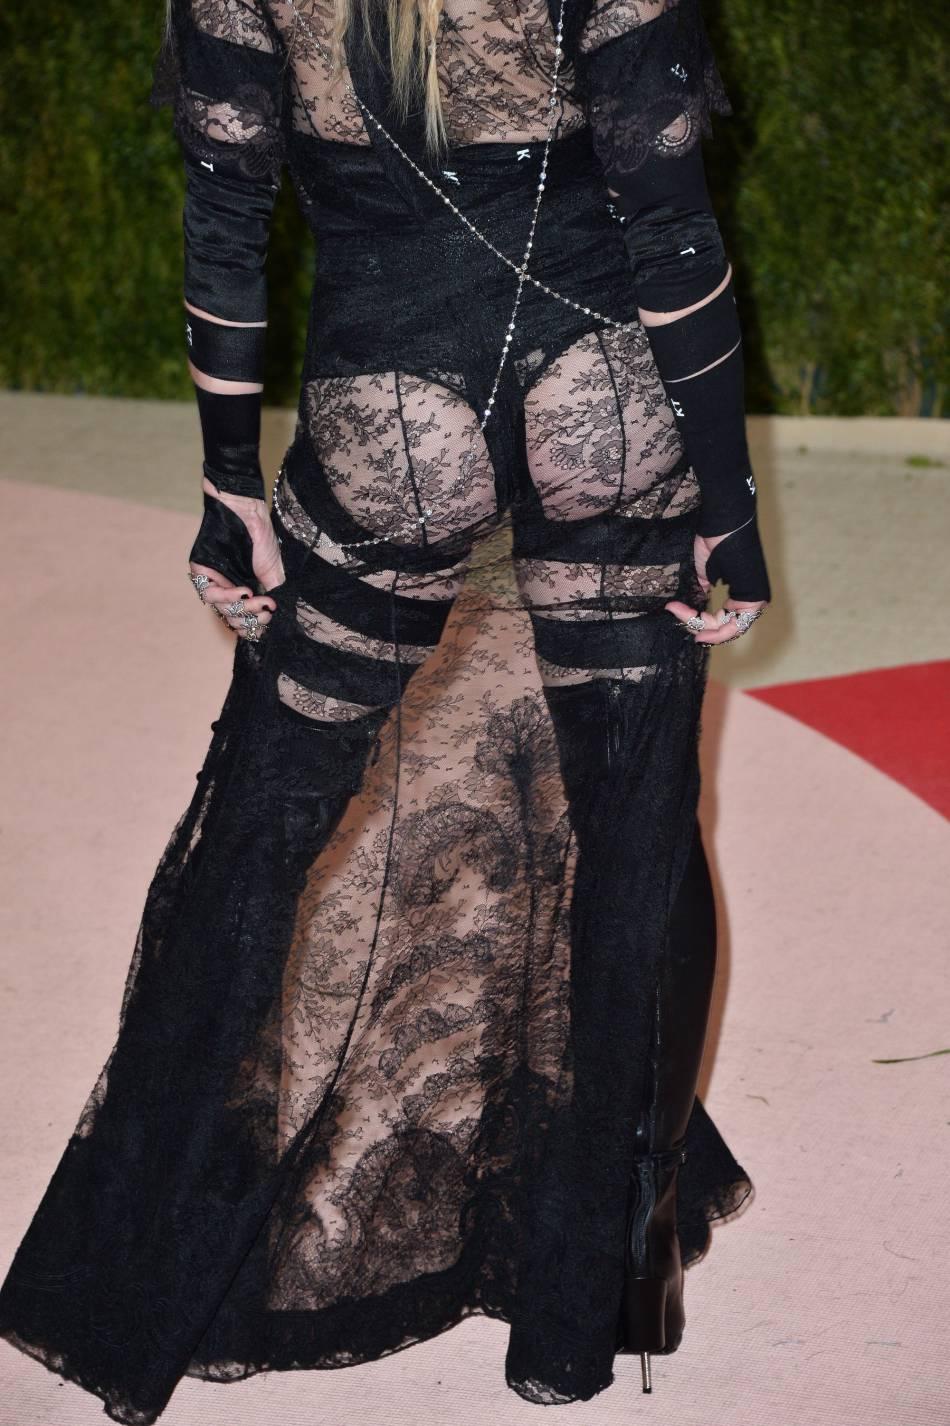 Madonna cul nu, une véritable prise de position.